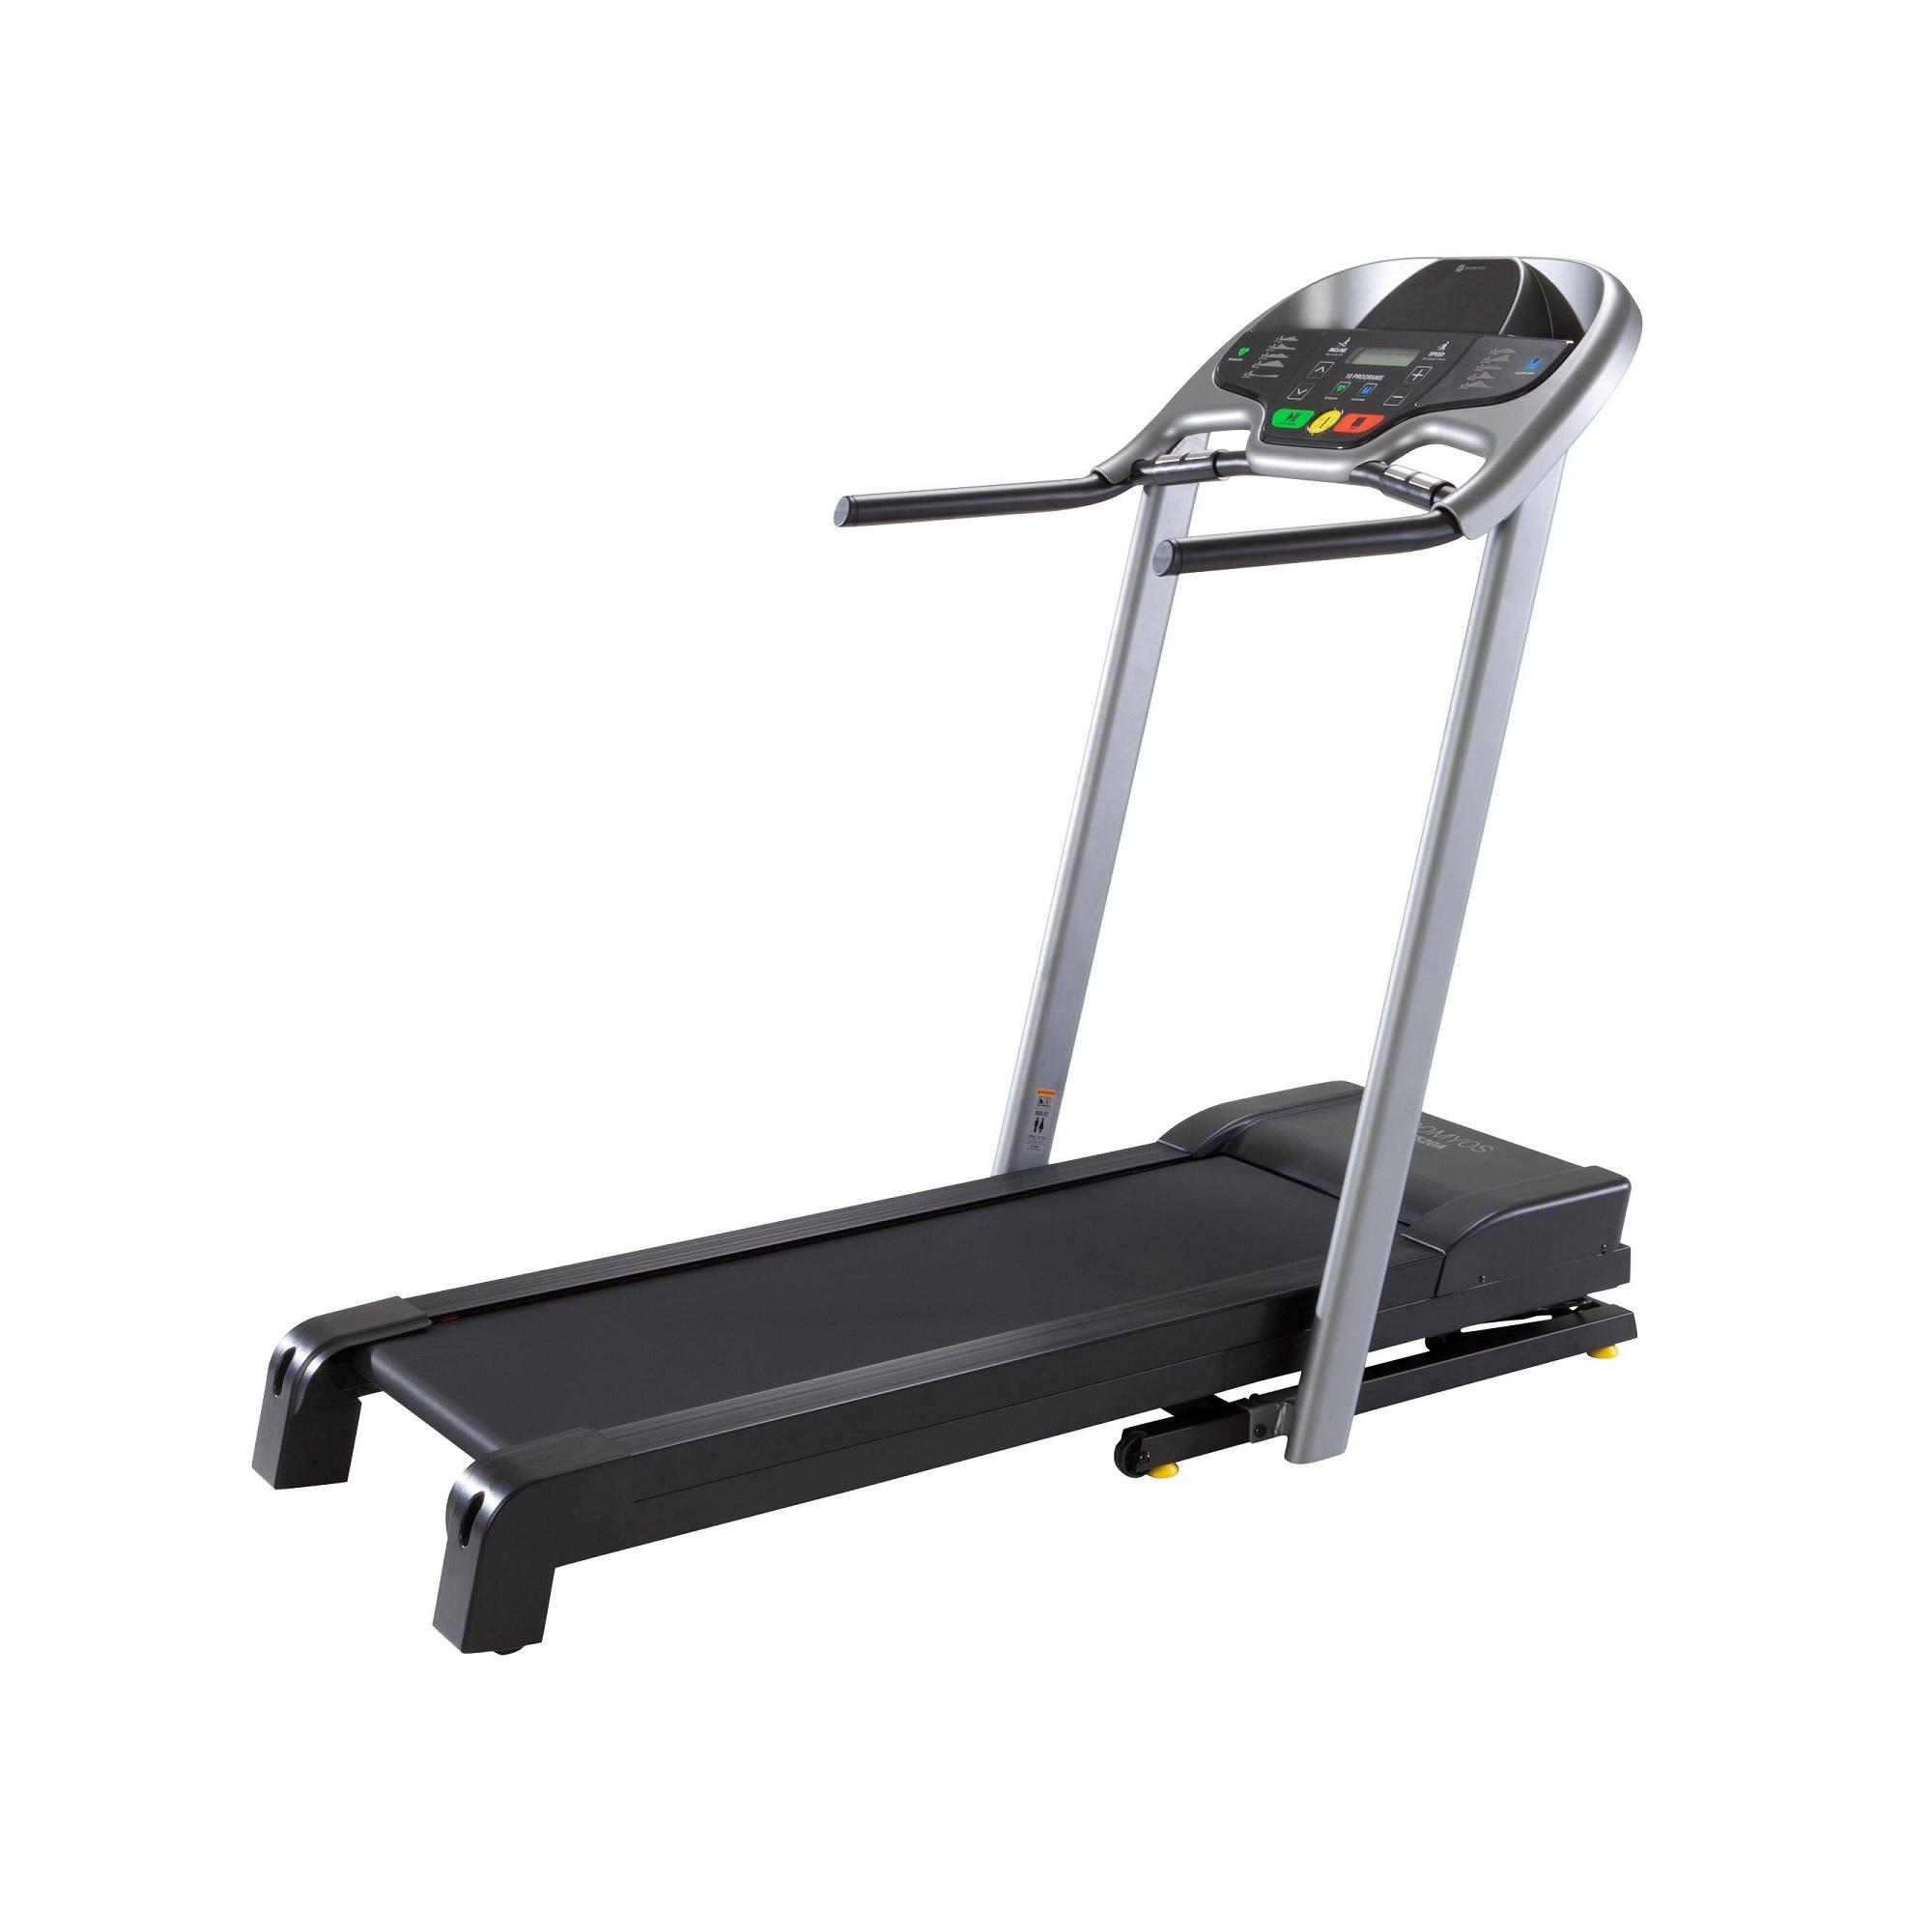 T520 Treadmill